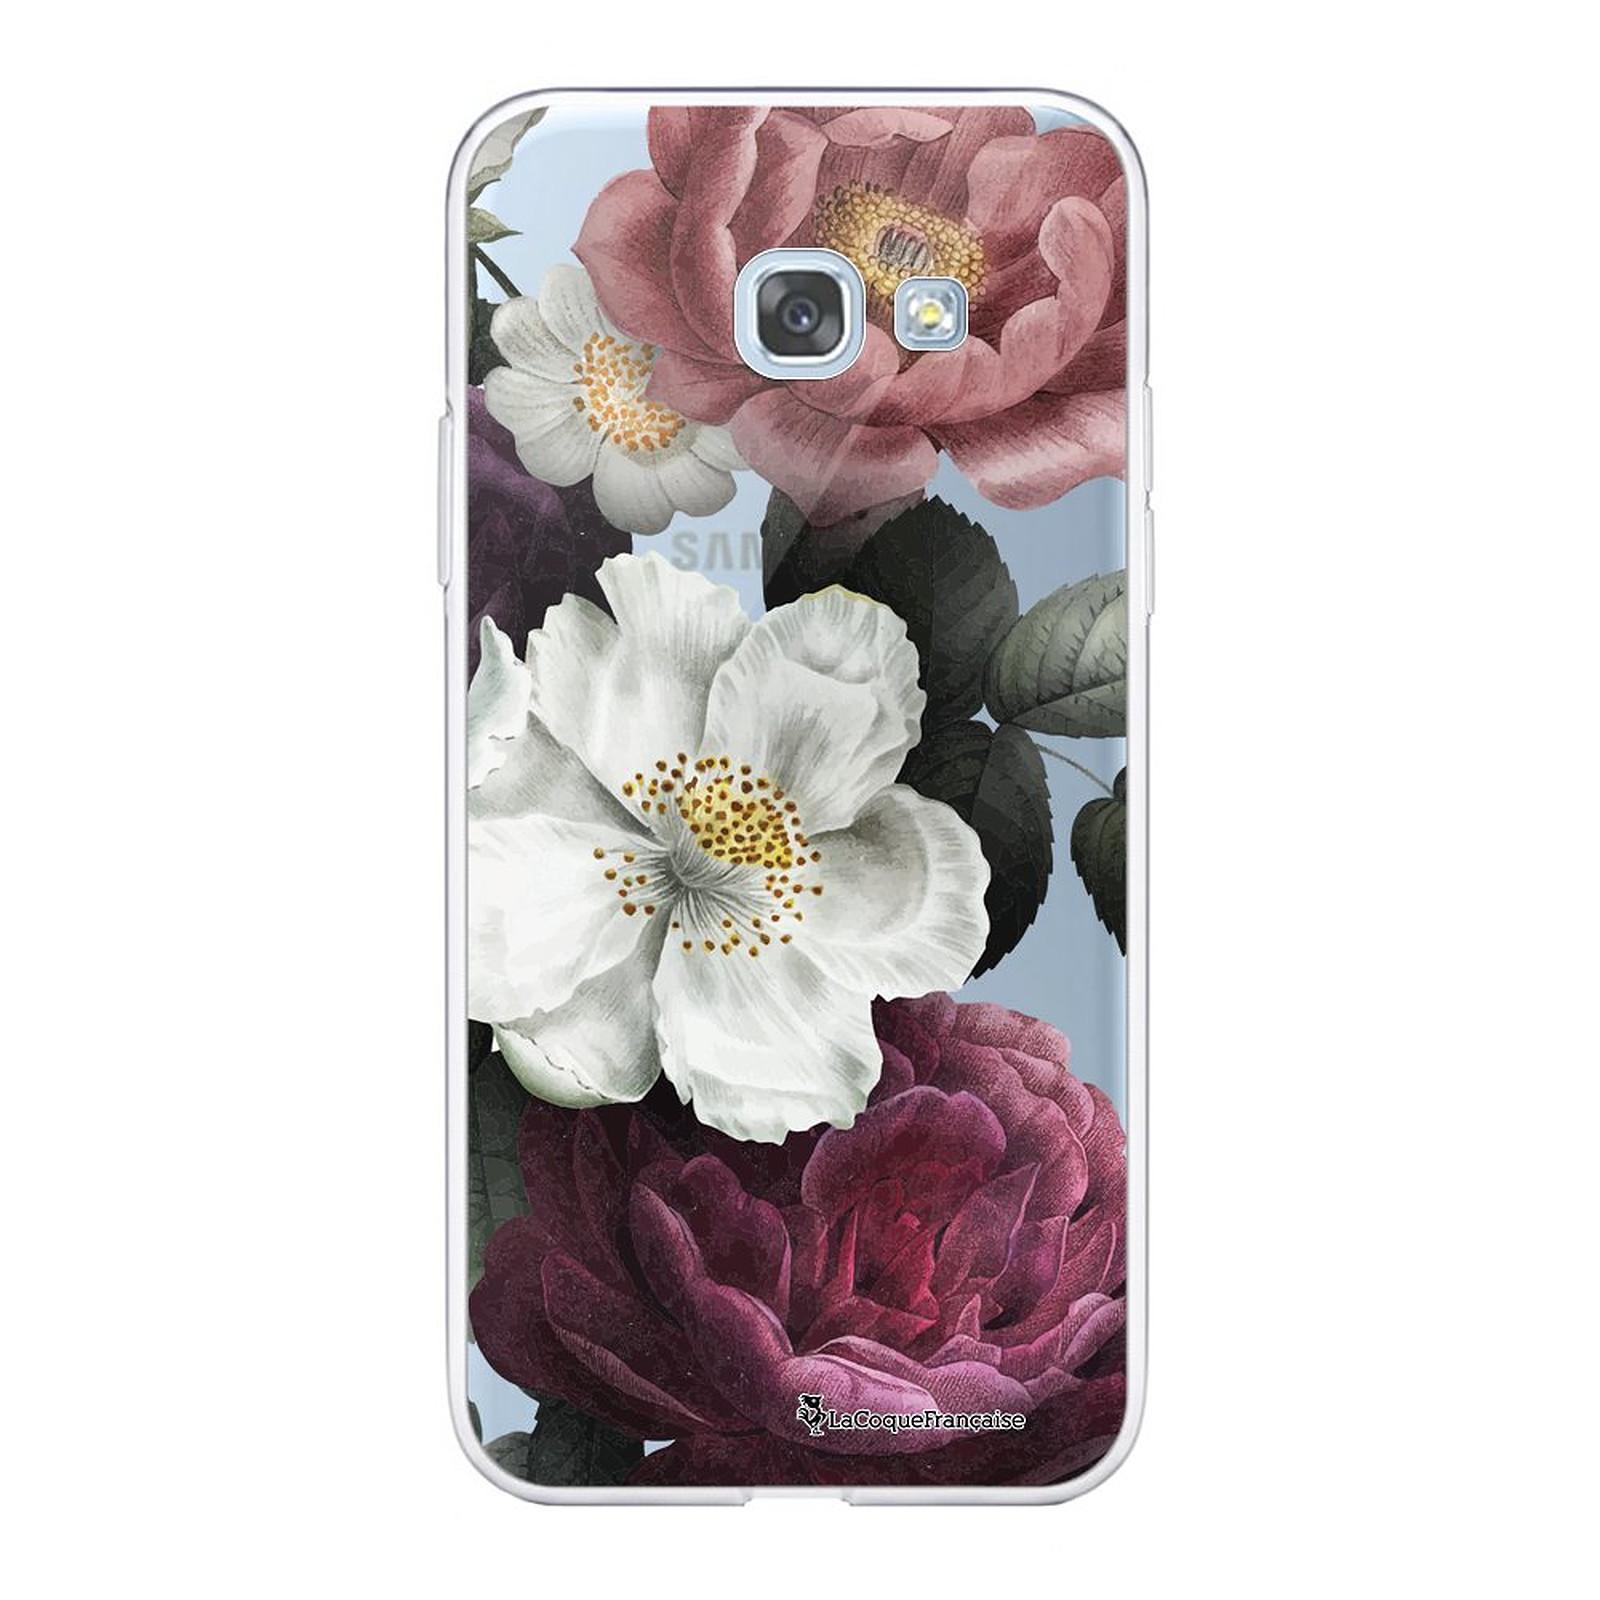 LA COQUE FRANCAISE Coque Samsung Galaxy A5 2017 360 intégrale transparente Fleurs roses Tendance - Coque téléphone LaCoqueFrançaise sur LDLC